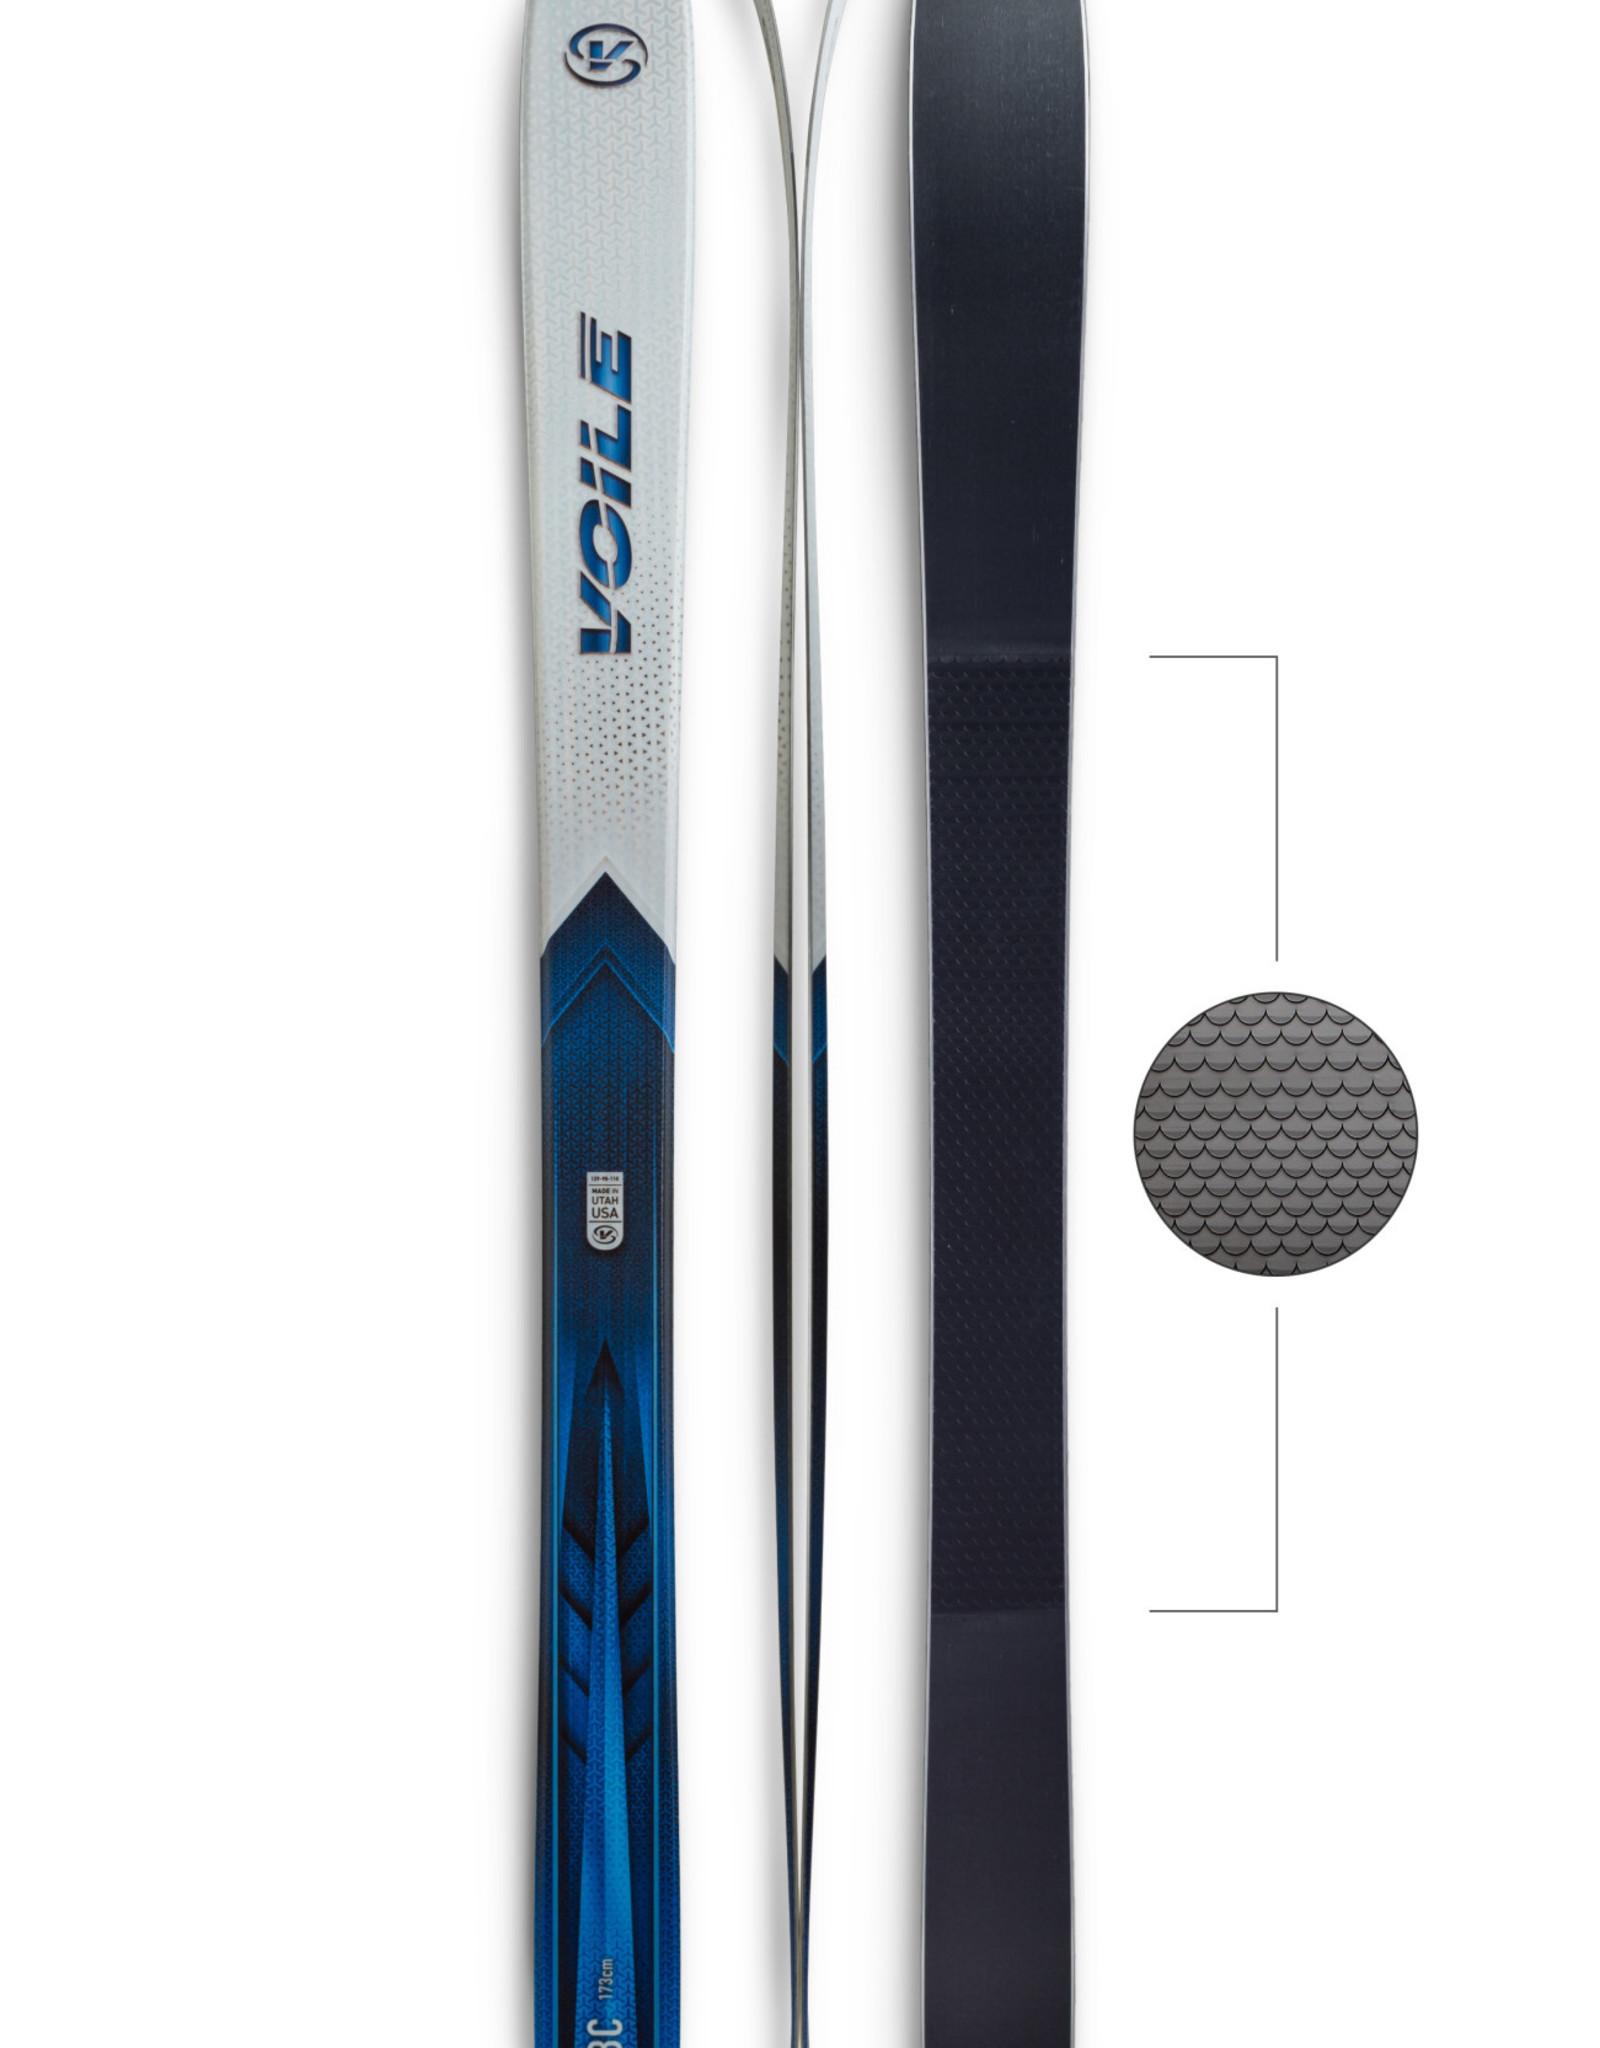 Voile Voile 2021 Hyper V6 BC Ski